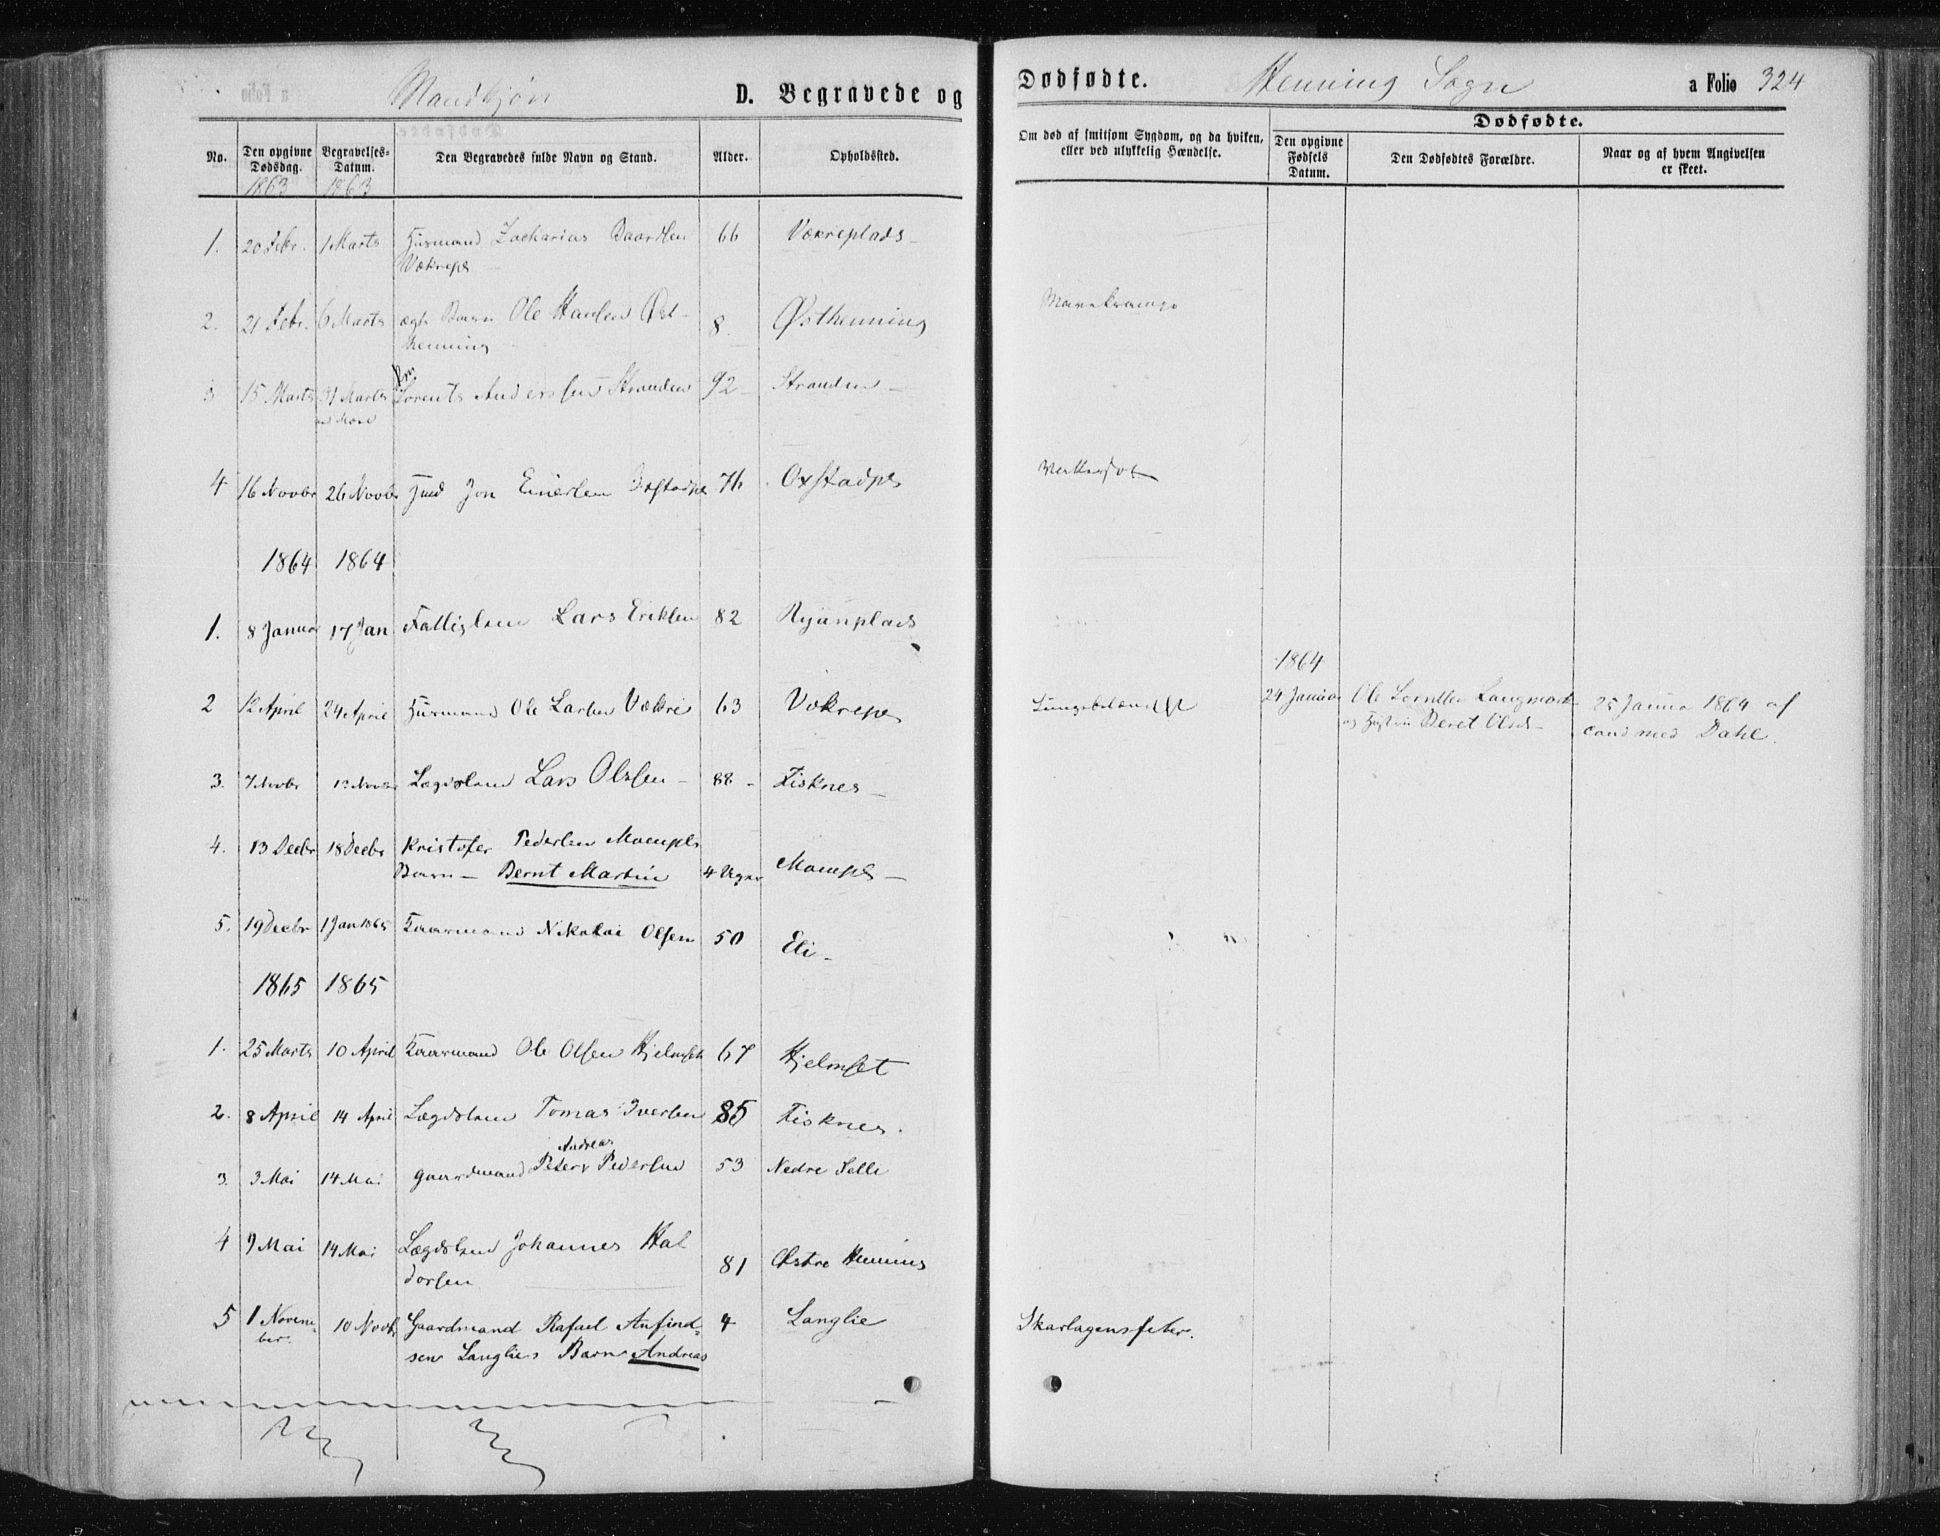 SAT, Ministerialprotokoller, klokkerbøker og fødselsregistre - Nord-Trøndelag, 735/L0345: Ministerialbok nr. 735A08 /3, 1863-1872, s. 324